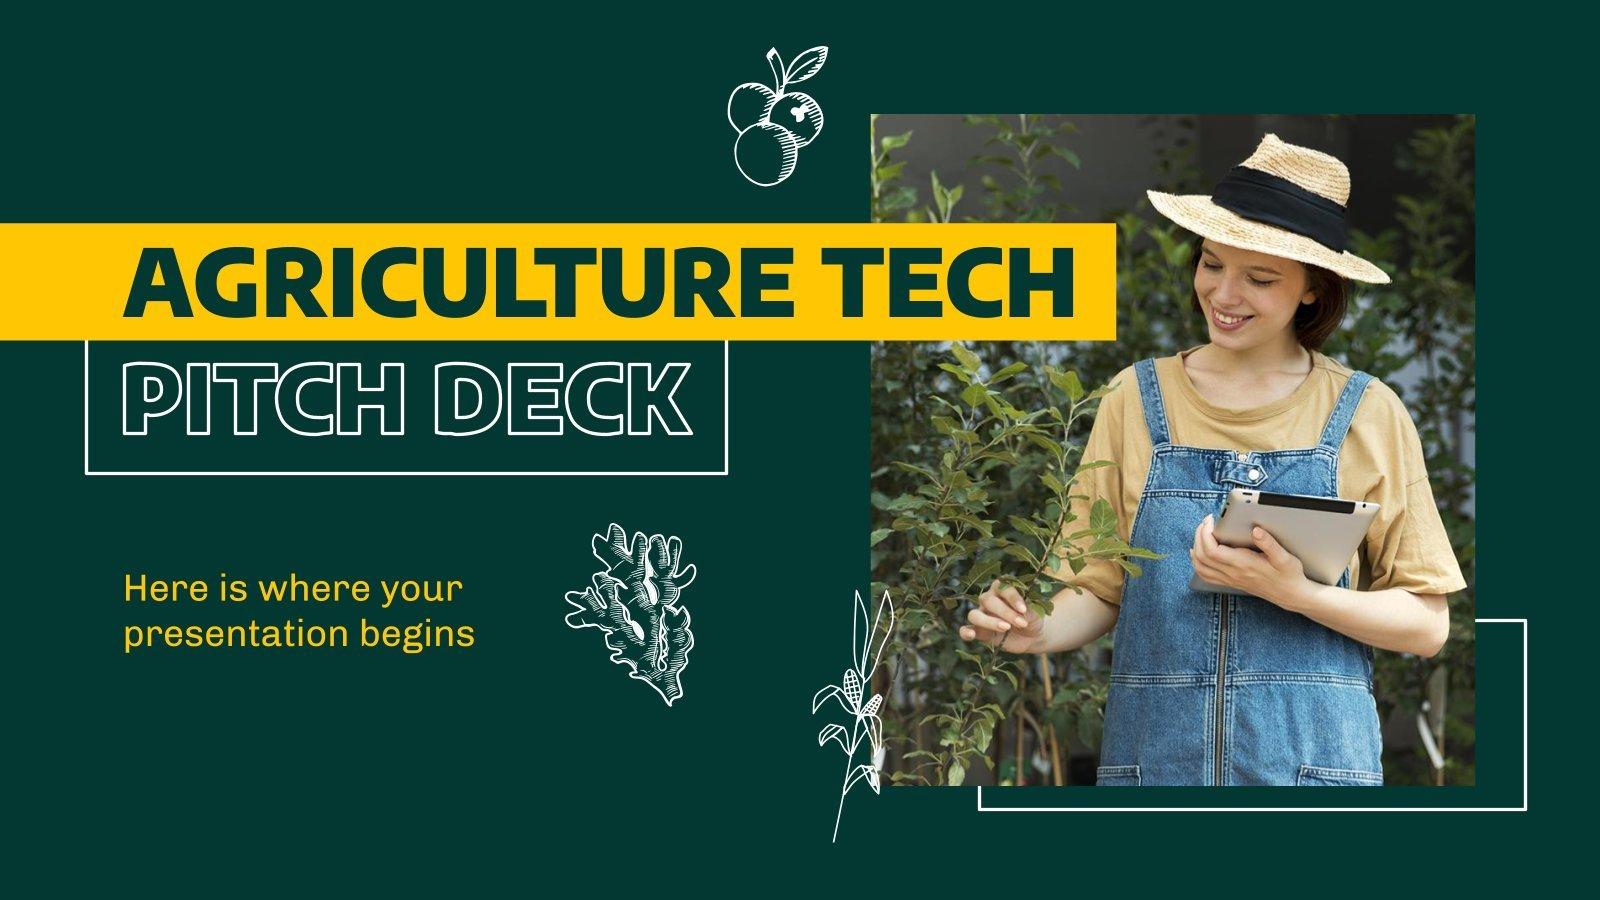 Modelo de apresentação Pitch deck de tecnologia agrícola